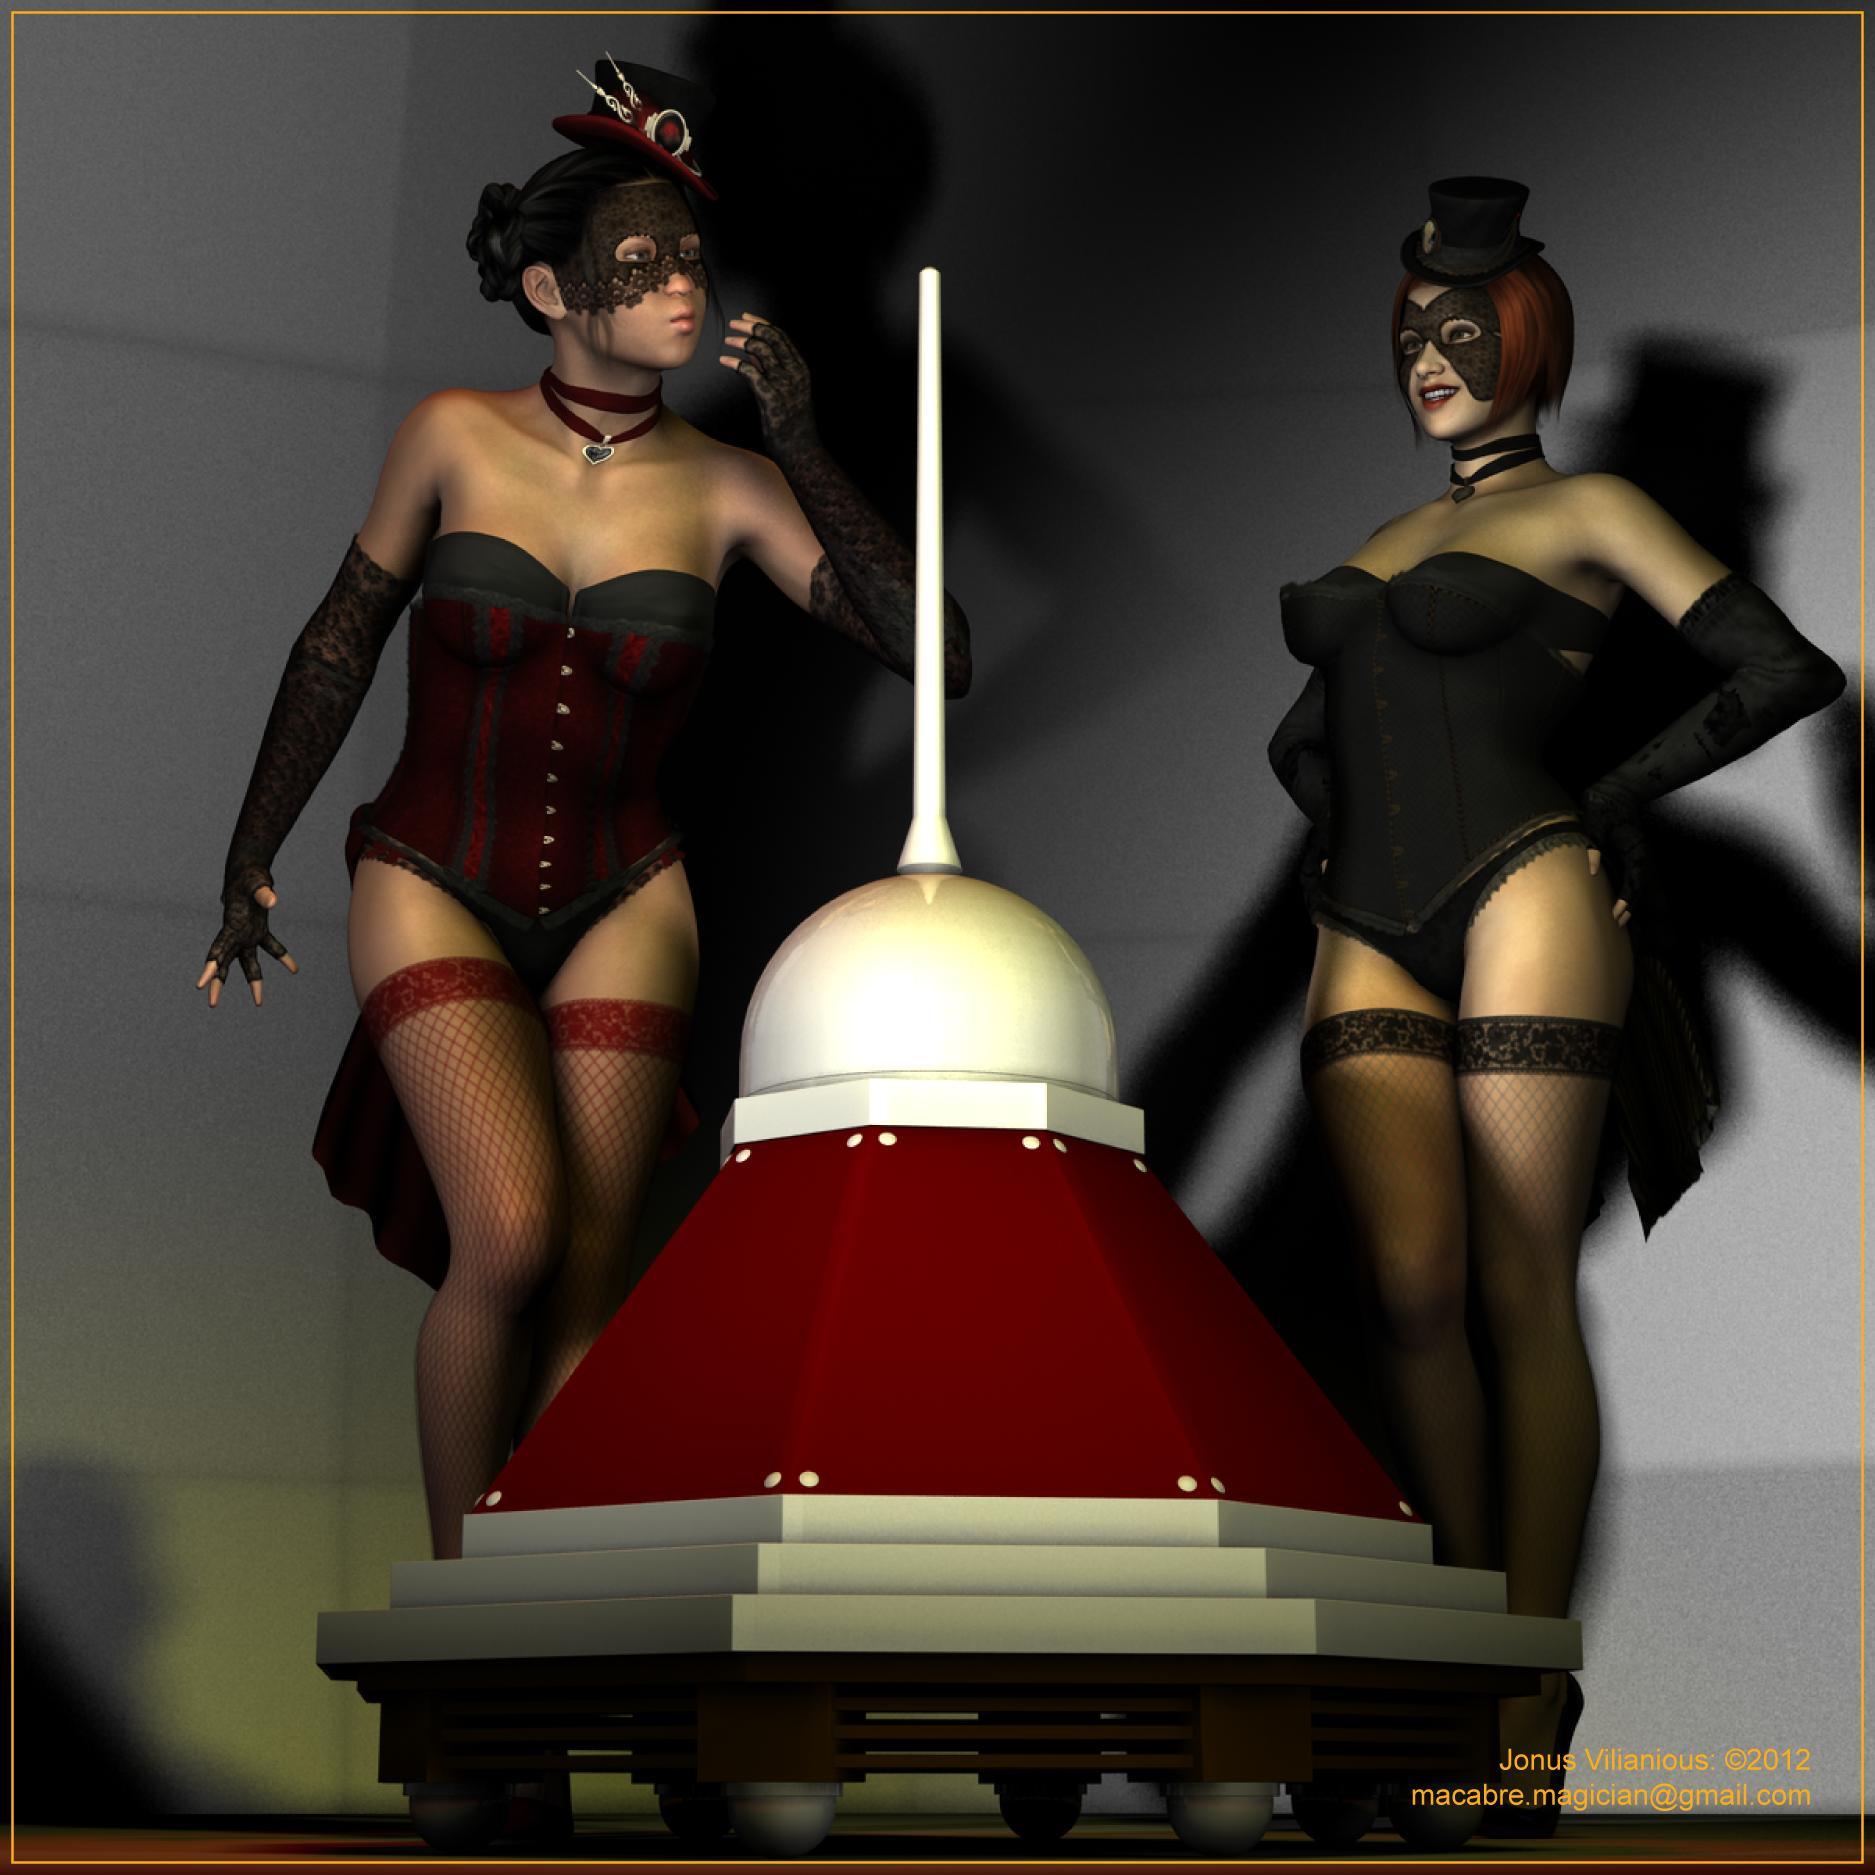 3d girls impaled naked photo